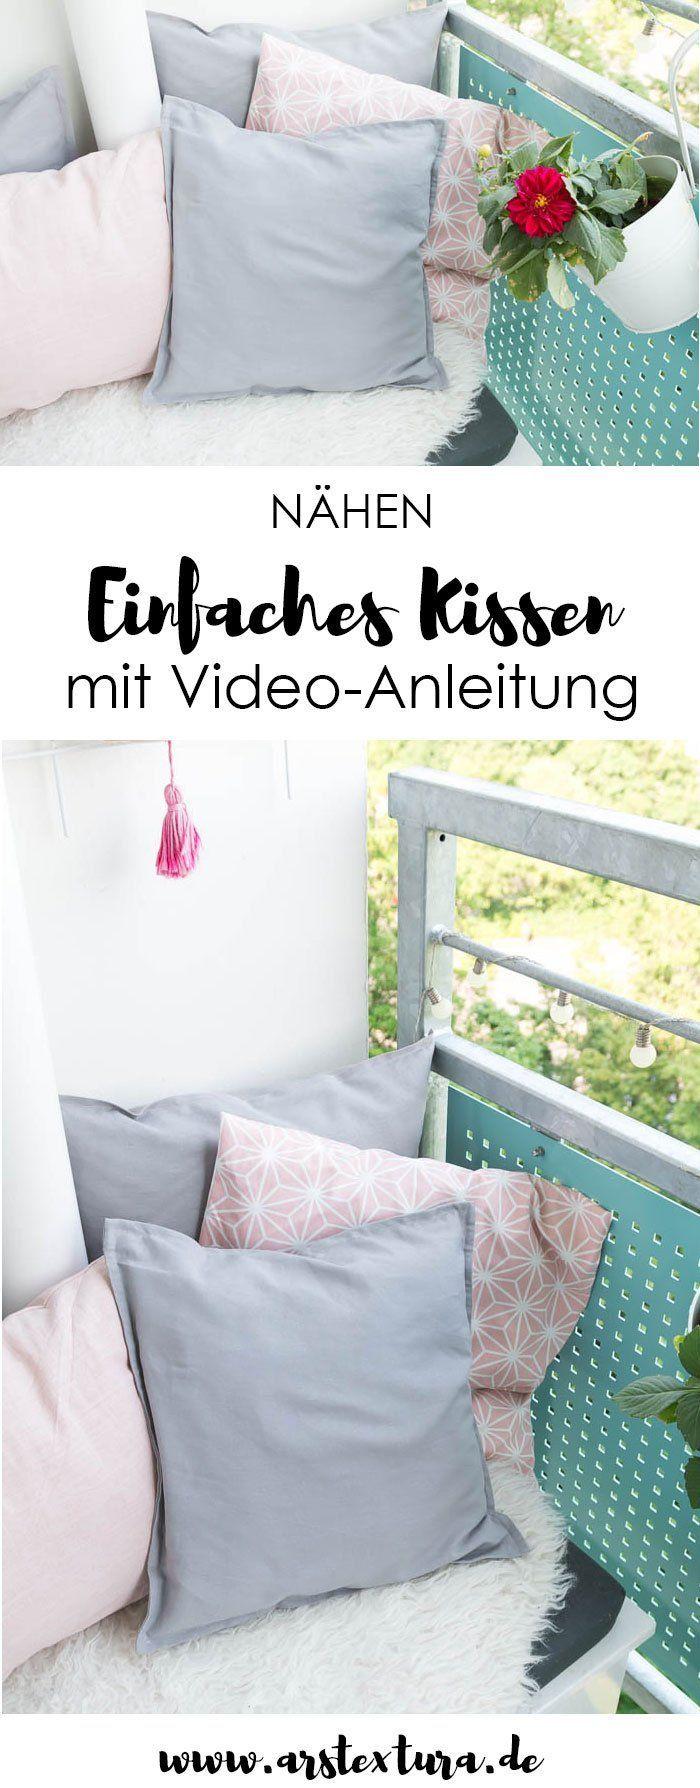 Einfaches Kissen nähen – mit Video-Anleitung